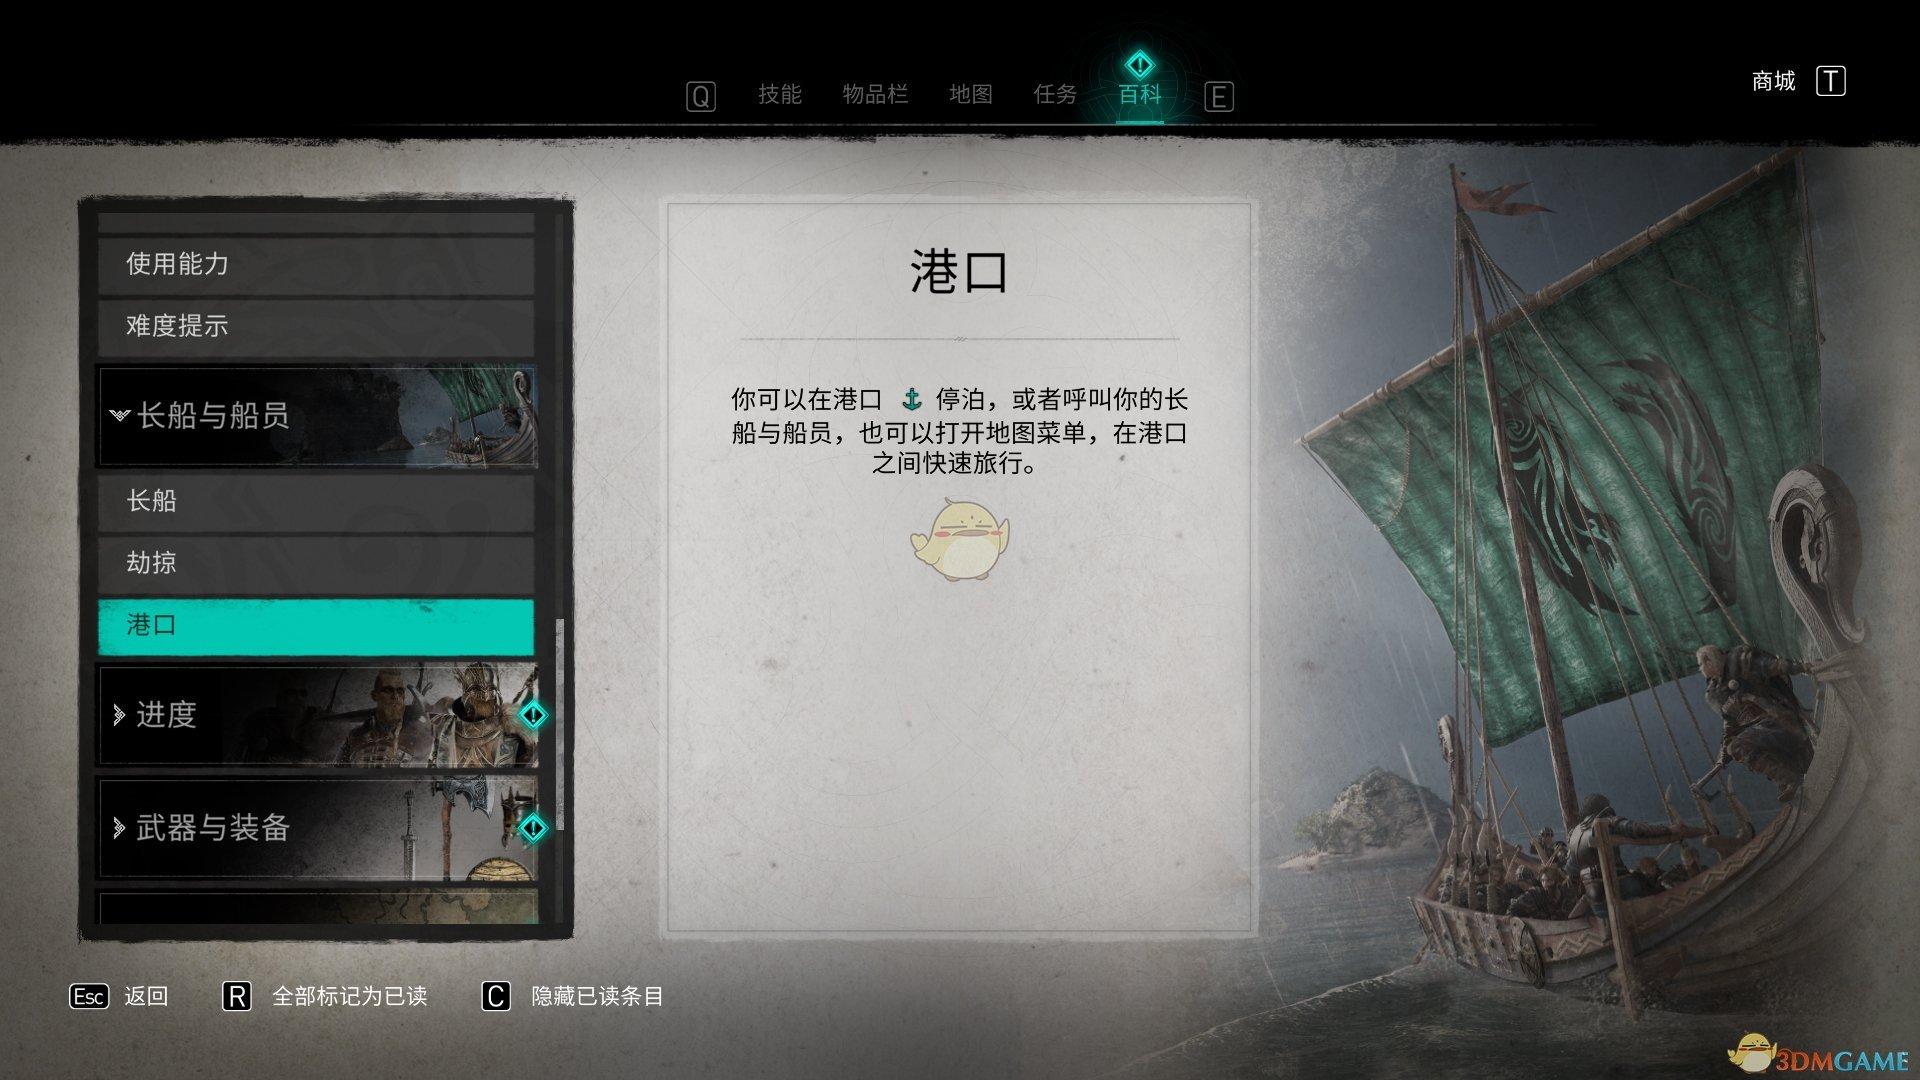 《刺客信条:英灵殿》港口系统介绍